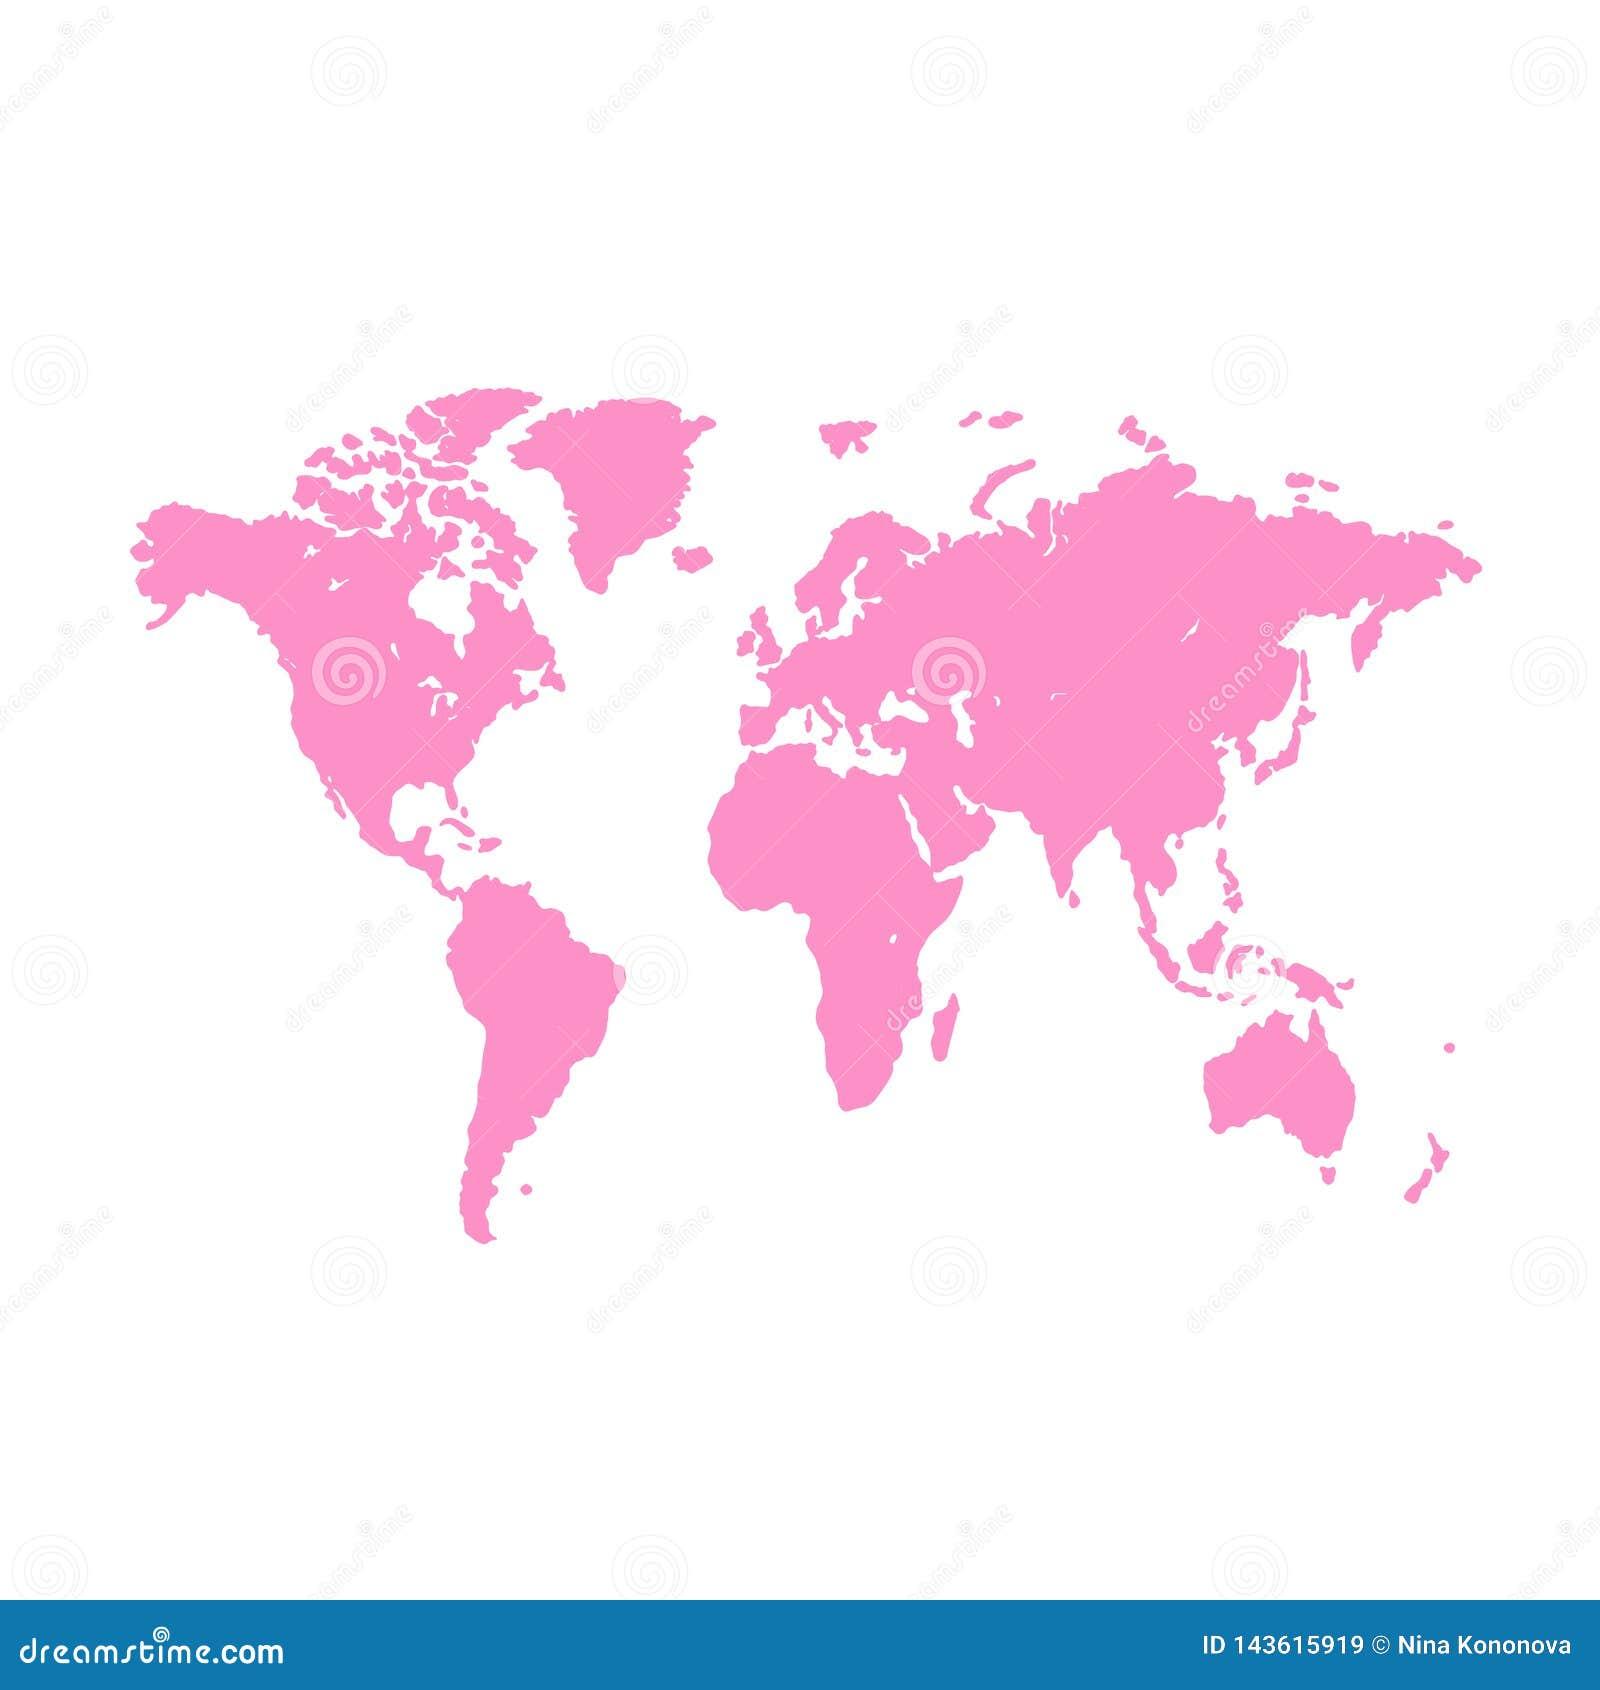 διανυσματικός άσπρος κόσμος χαρτών ανασκόπησης απομονωμένος απεικόνιση Απεικόνιση Grunge του παγκόσμιου χάρτη σκιαγραφιών Ρόδινος